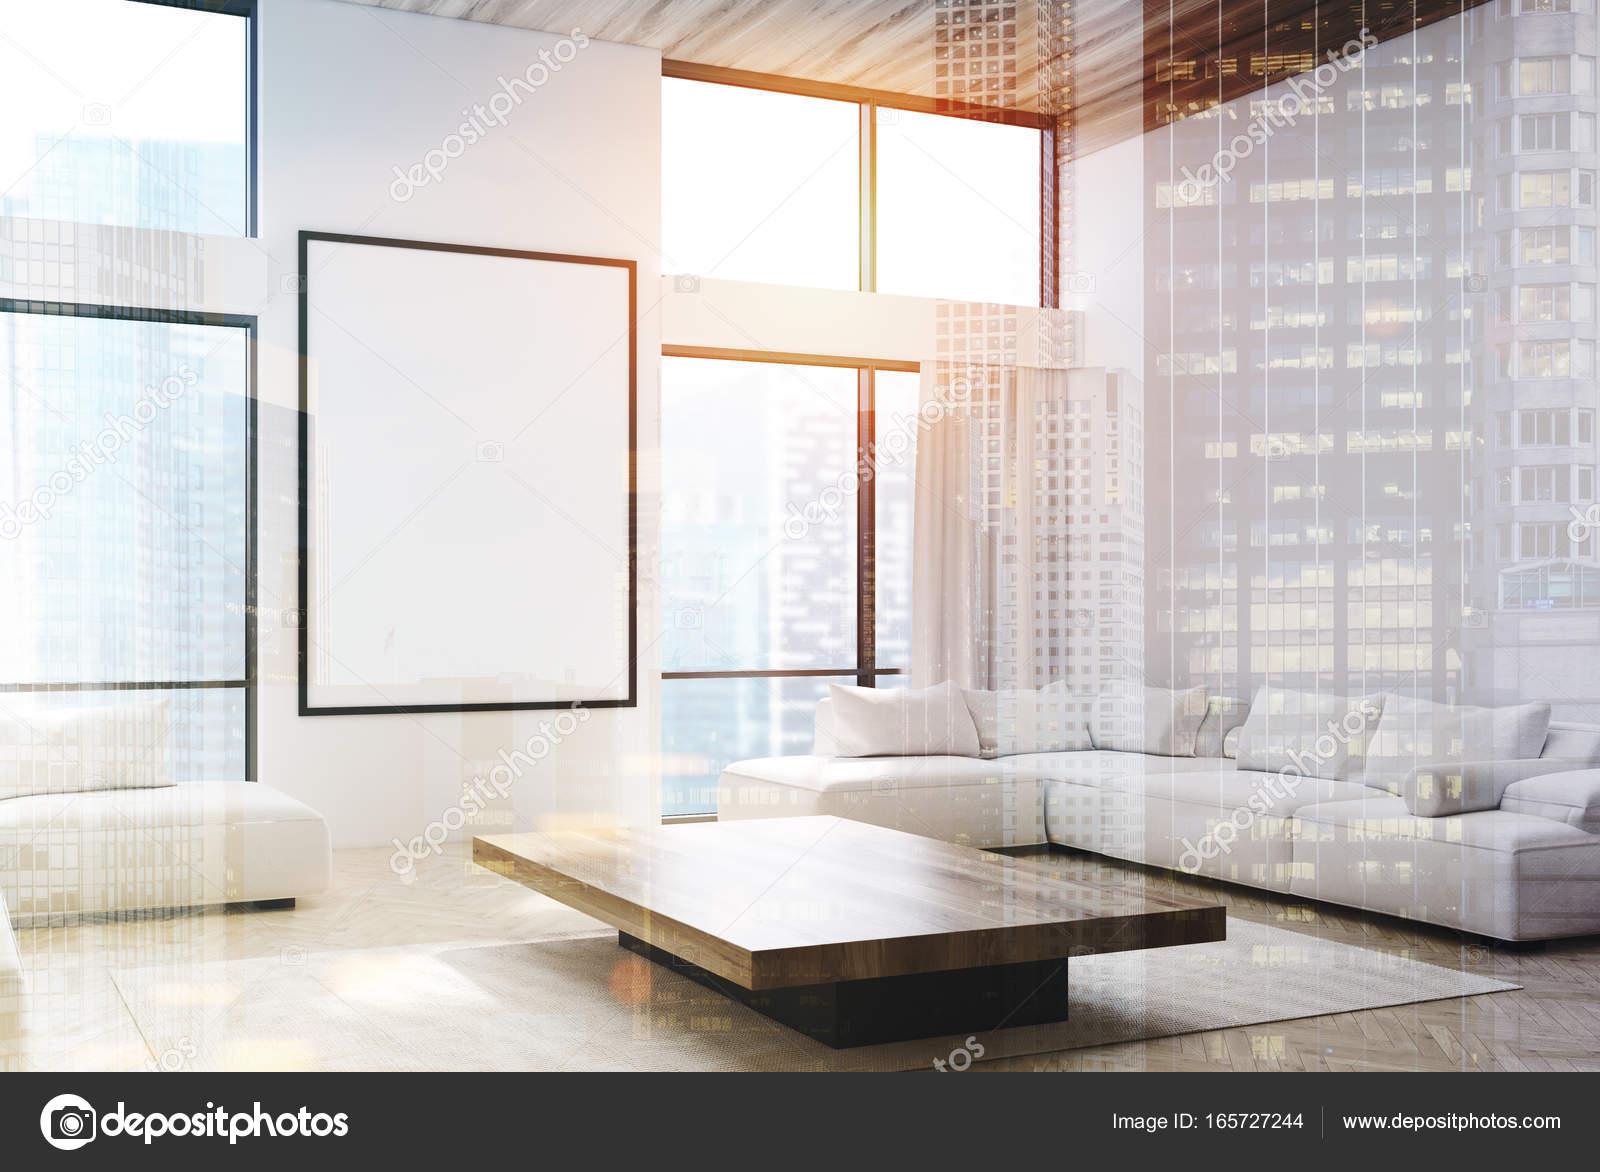 Wit woonkamer, banken en een dubbele poster — Stockfoto ...